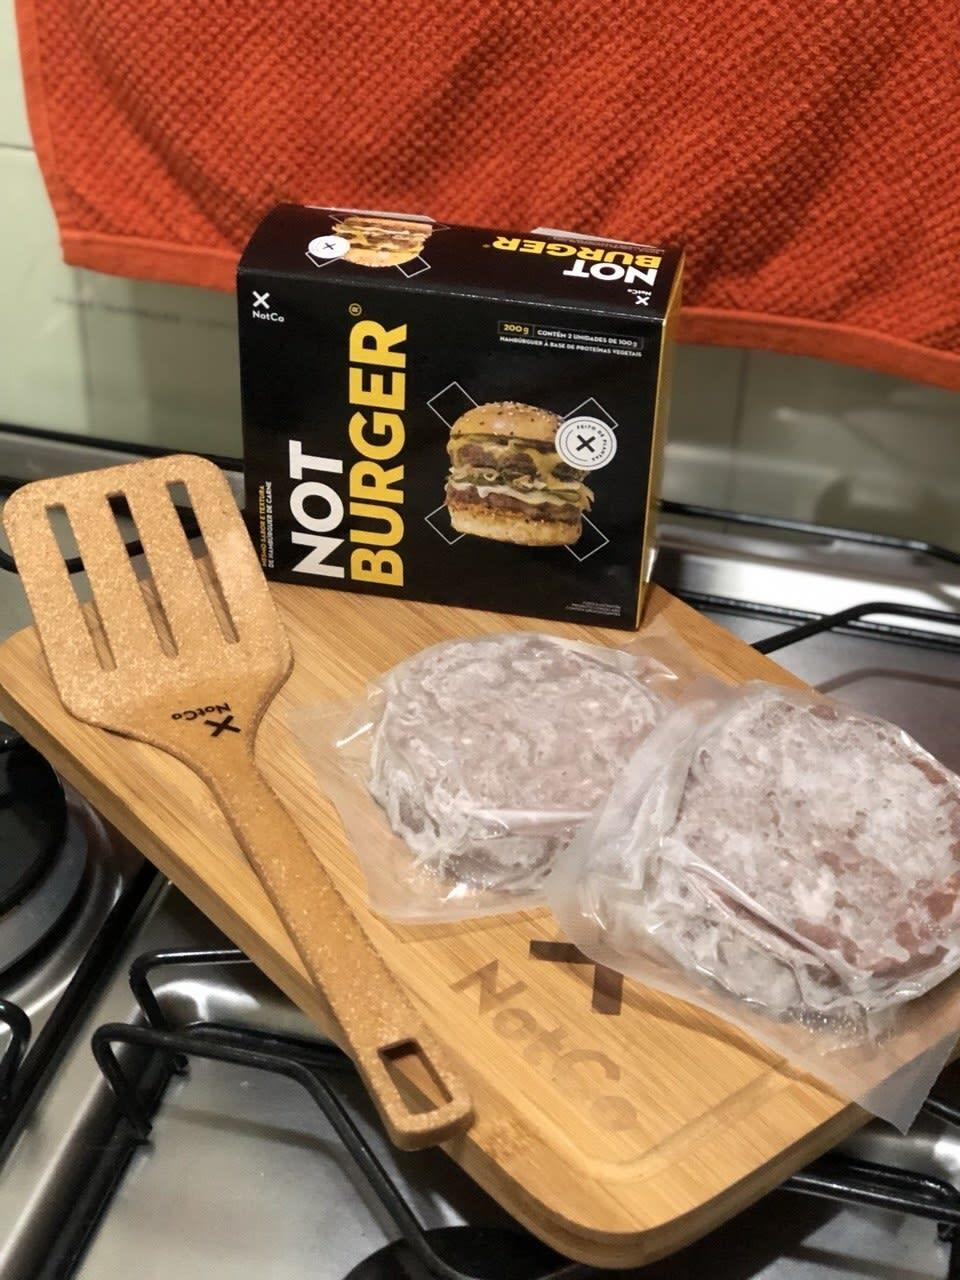 Foto de dois hambúrgueres congelados embalados em um plástico transparente, colocados em cima de uma tábua de madeira com o logo da NotCo. Ao lado dos hambúrgueres está a embalagem do produto e uma espátula também da marca.